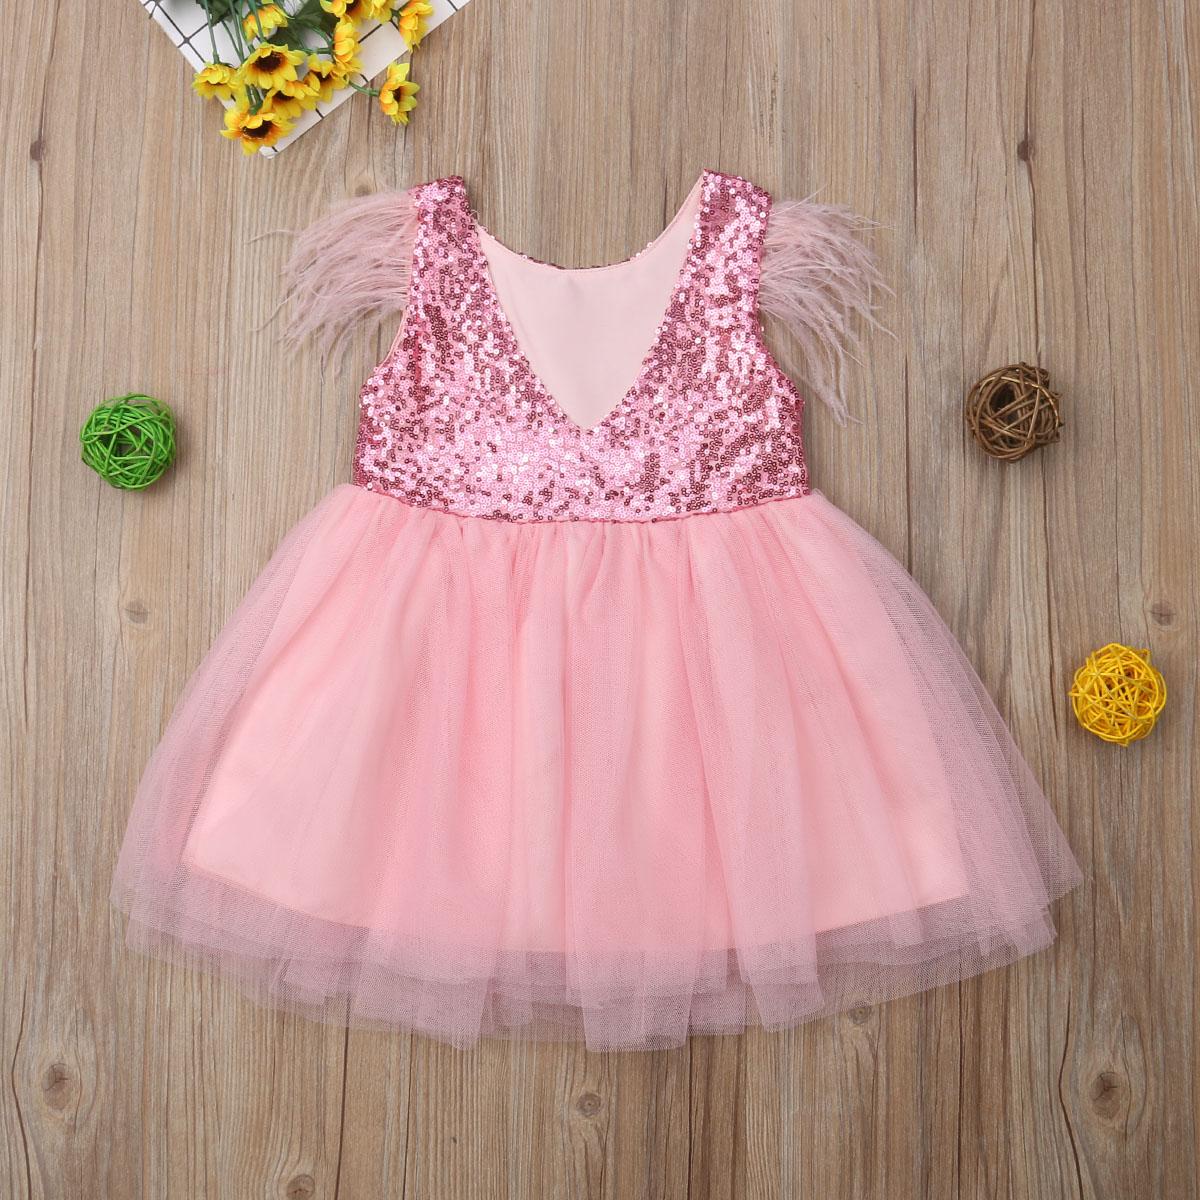 Рождественское детское красное платье для девочек, платье-пачка с блестками для маленьких девочек, платье с рукавами с перьями для девочек на вечеринку, свадьбу, день рождения